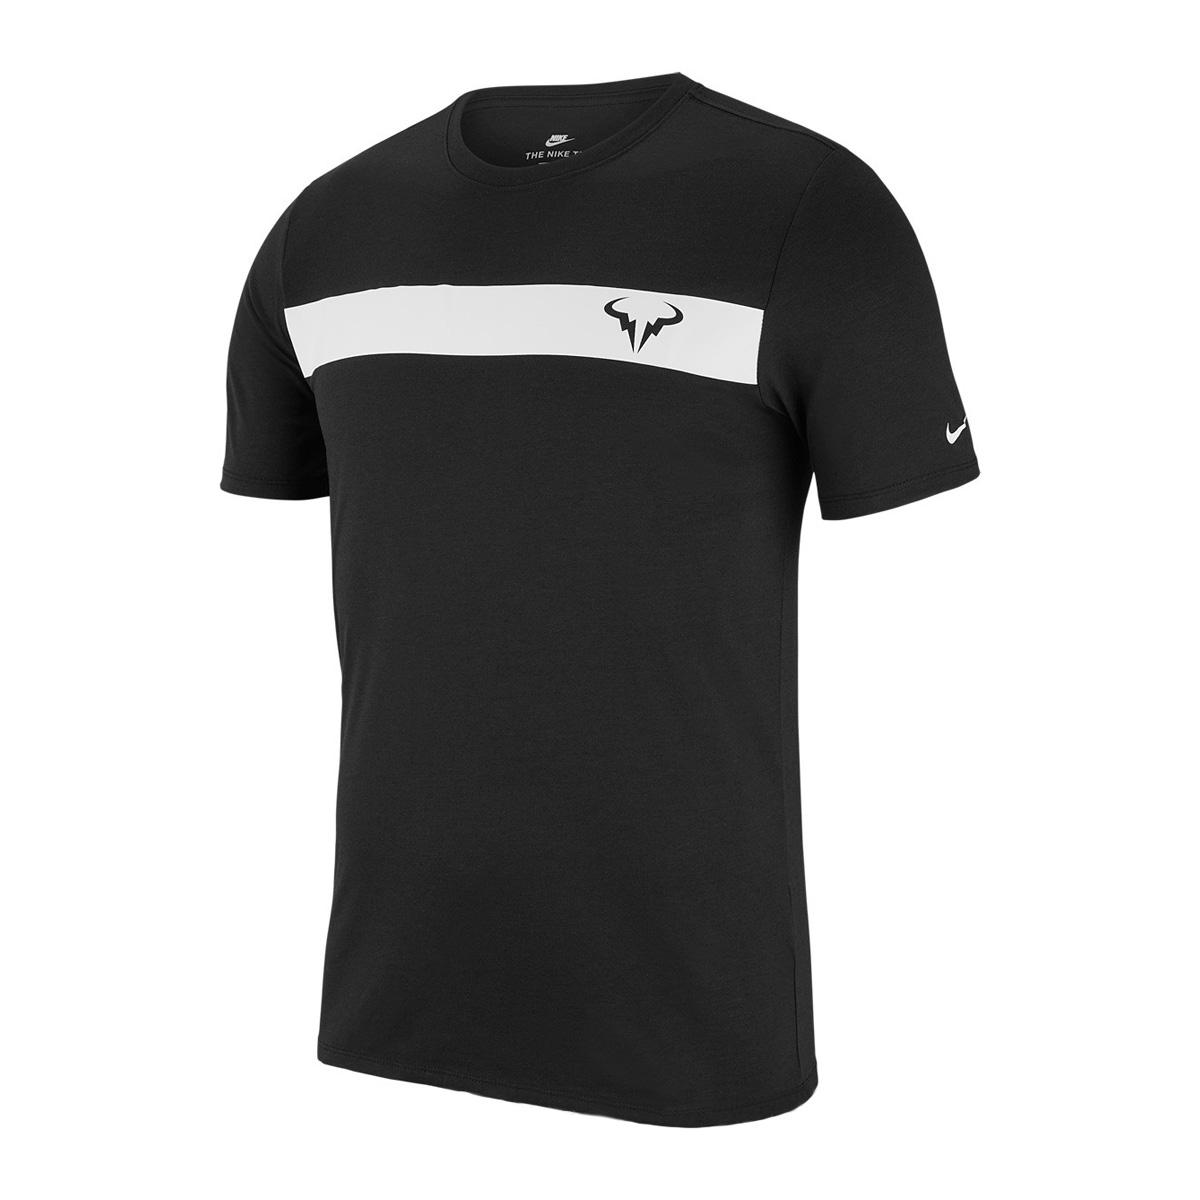 Esperanzado experimental Hacer  Camiseta Nike Rafael Nadal - Empório do Tenista